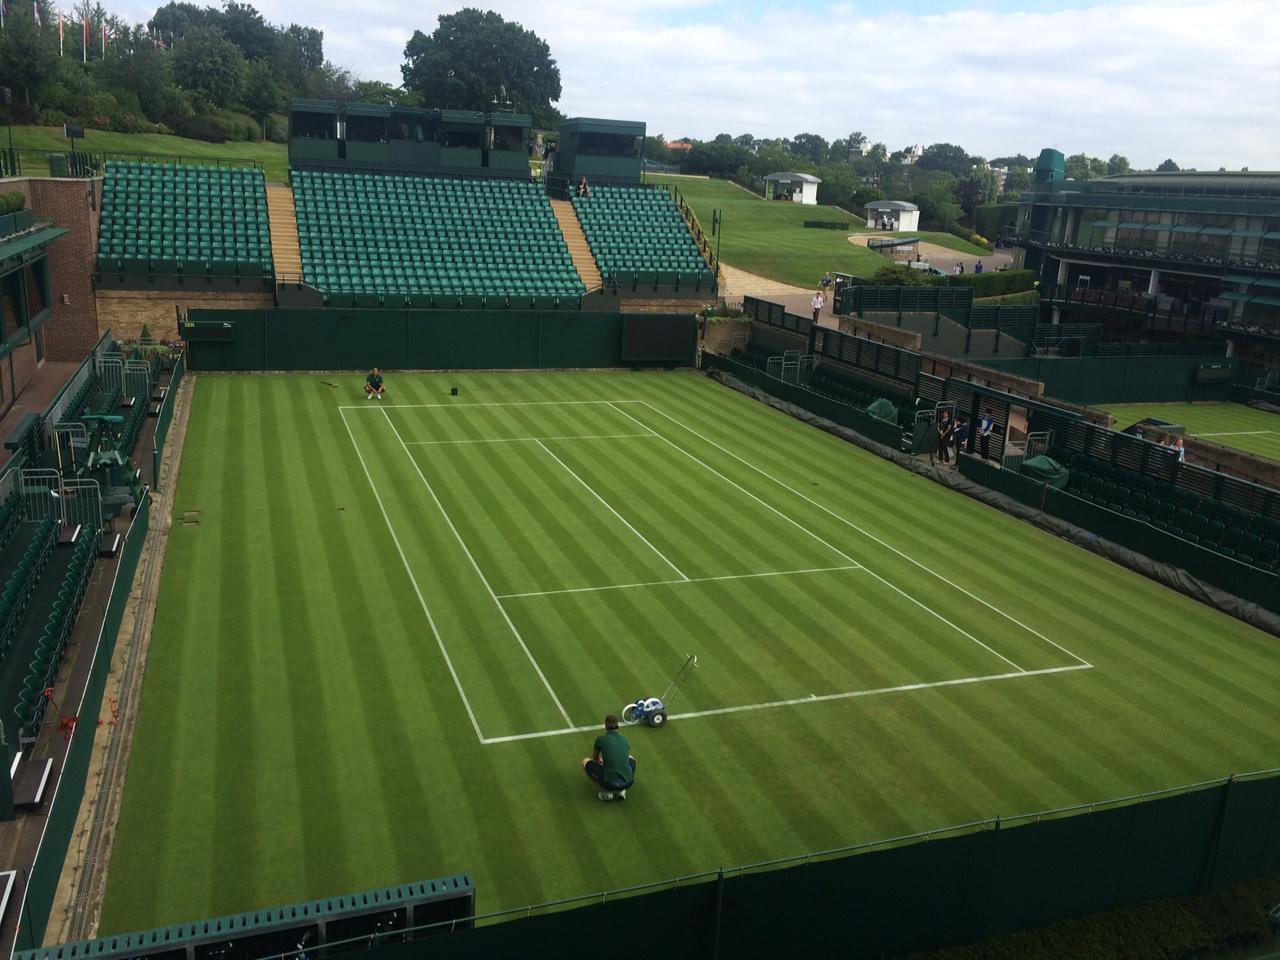 Die letzten Linien werden gezogen - In 2 Tage geht es in #Wimbledon los. Bei uns seid ihr live dabei. #srftennis